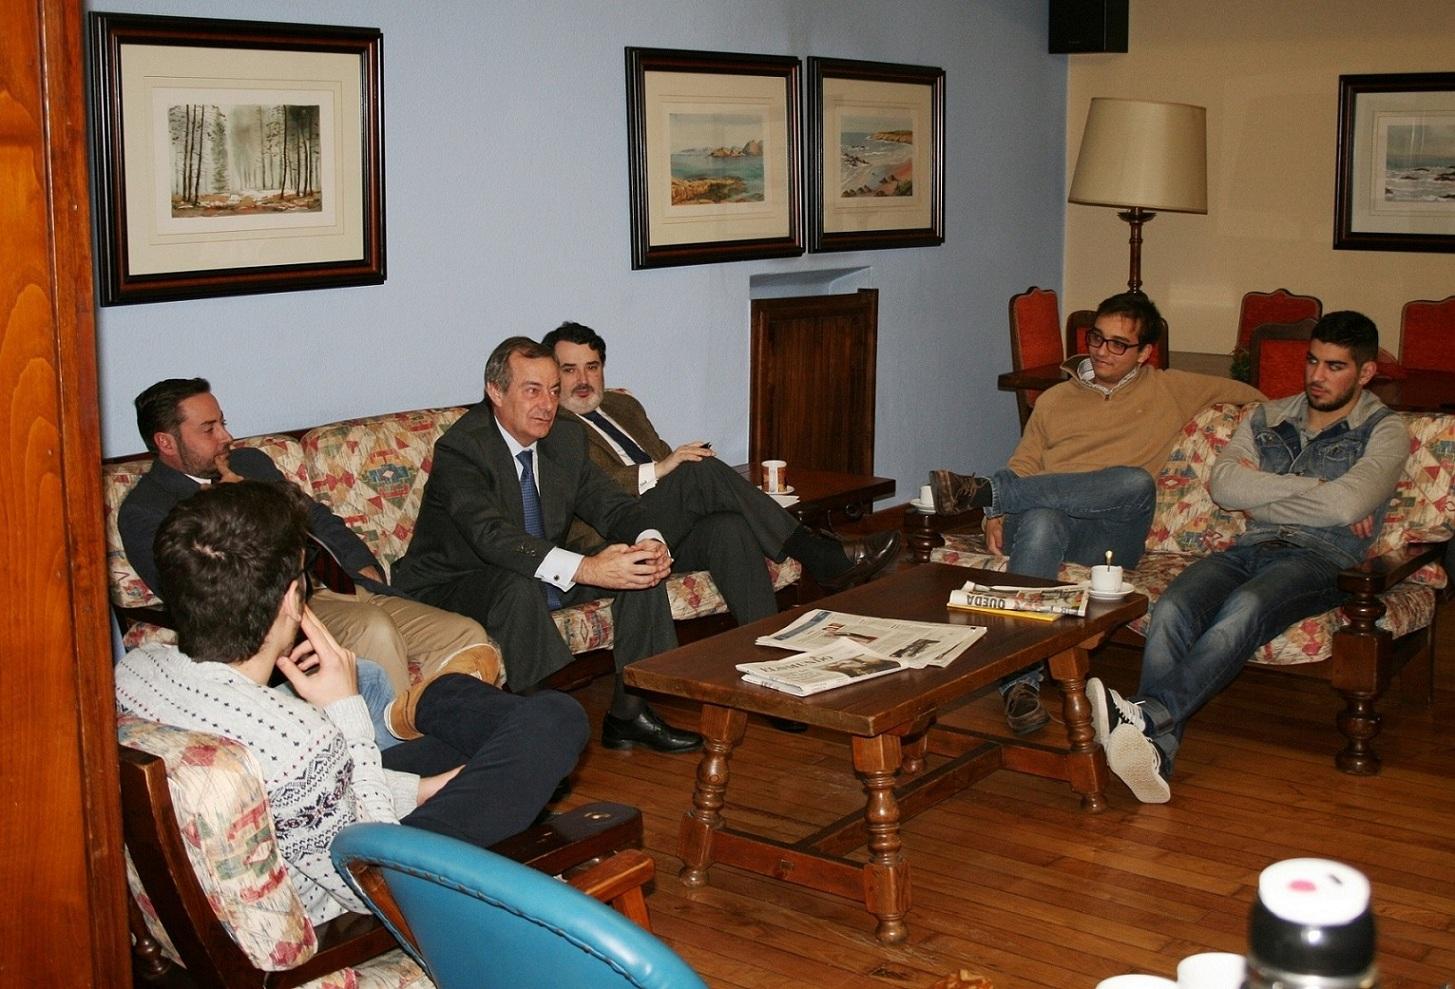 El empresario gallego Amador de Castro visita el Colegio Mayor La Estila y mantiene un encuentro con estudiantes universitarios